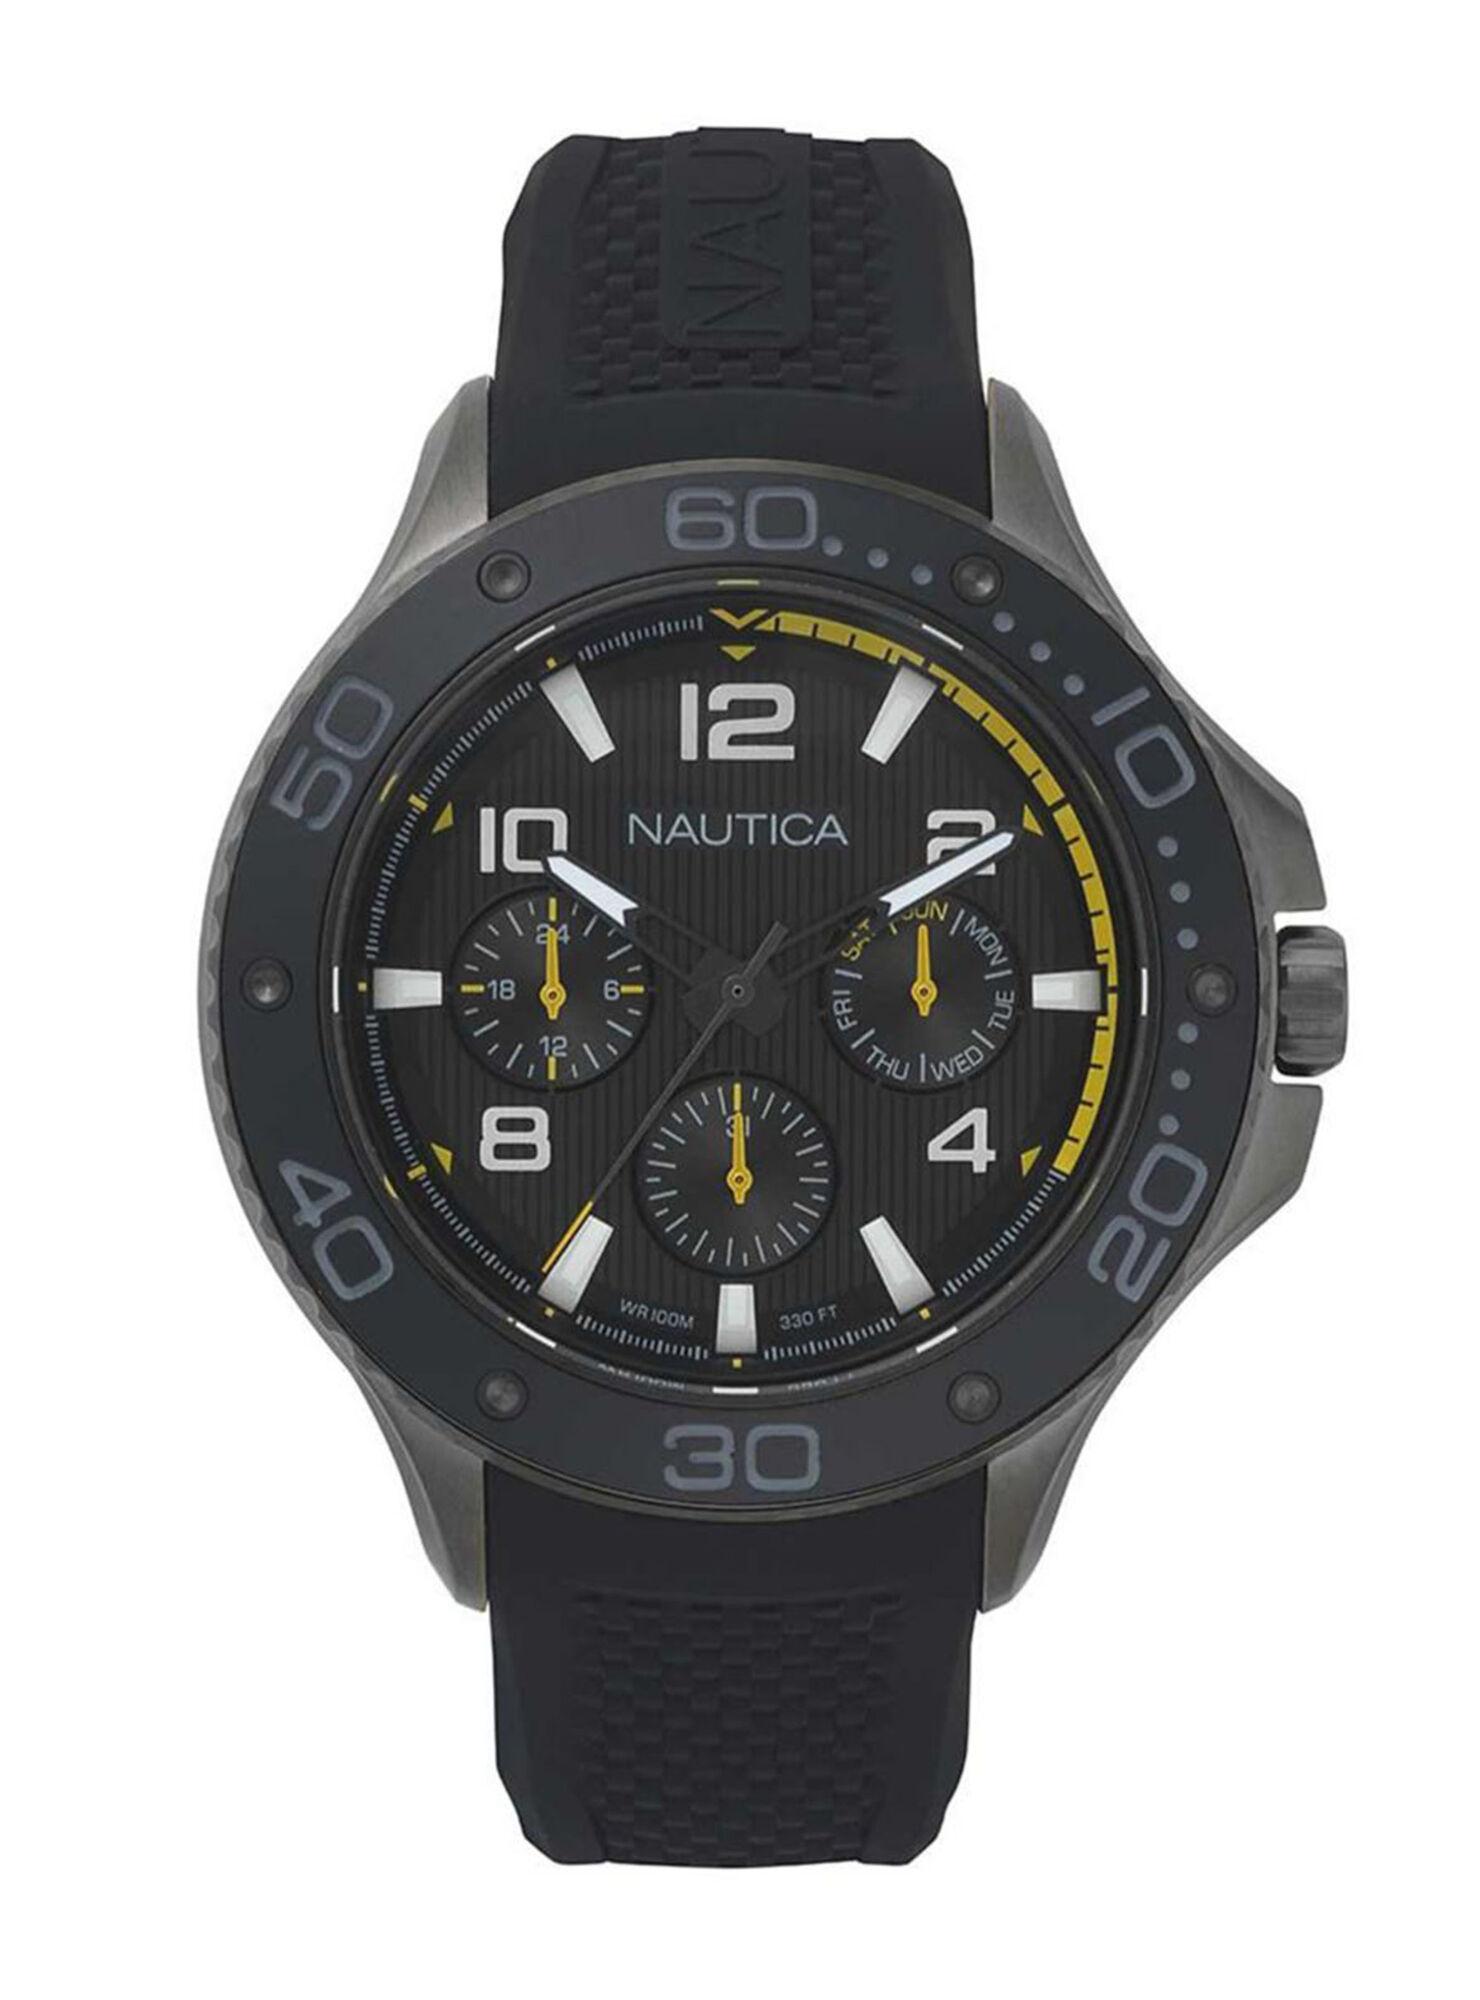 Images. Reloj Análogo Nautica NAPP25004 Hombre ... 9760fc8cbce7